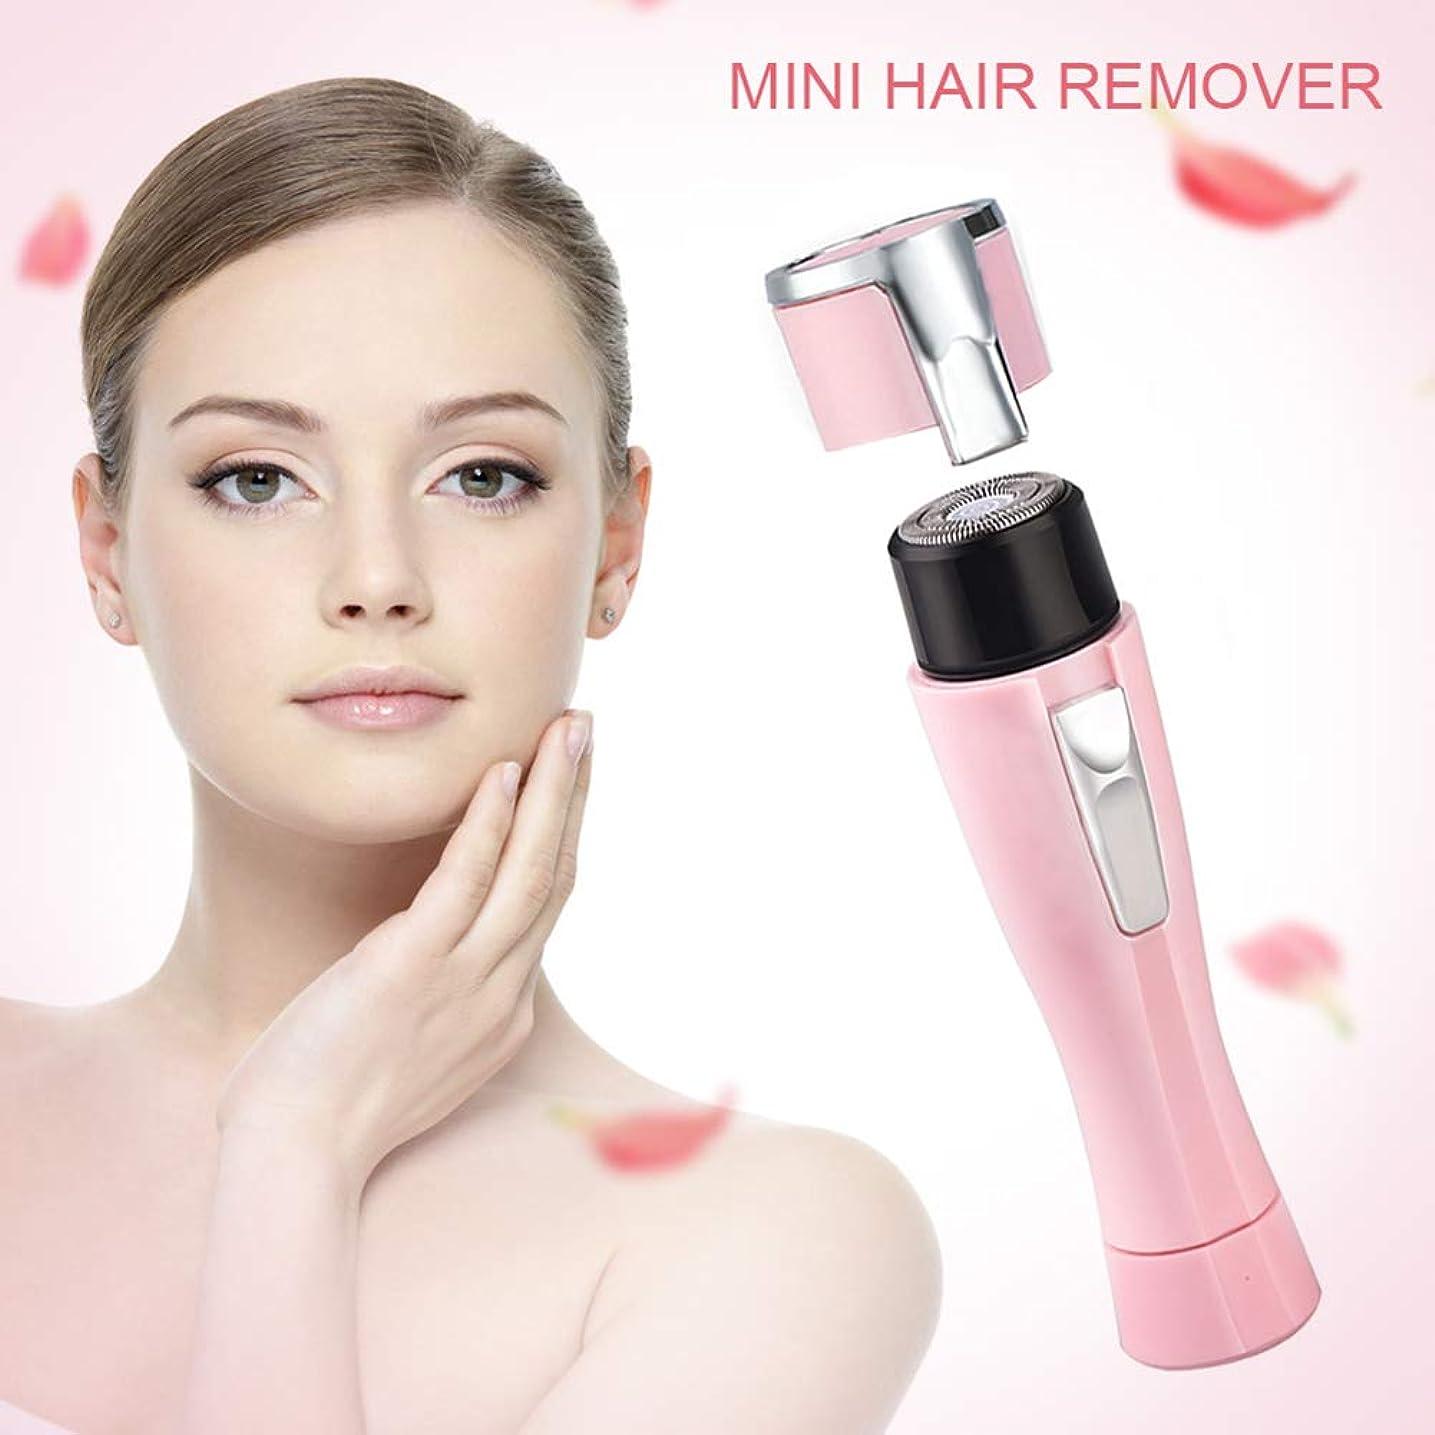 ふけるブリリアントノーブル電気脱毛器完璧な脱毛女性の顔脱毛器痛みのない安全脱毛器女性の体